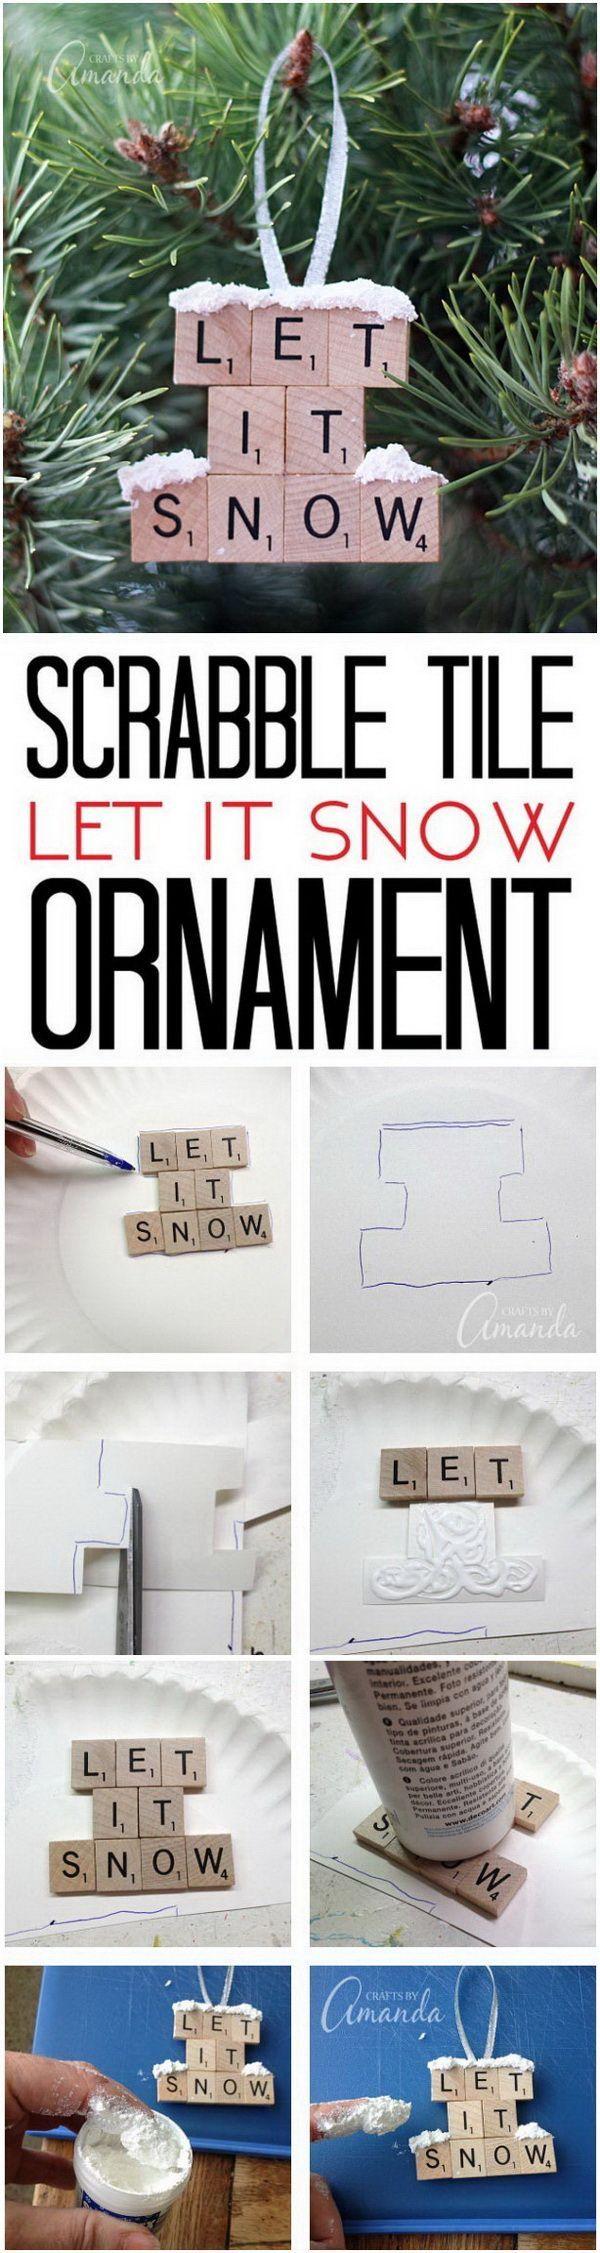 Let It Snow: Scrabble Tile Ornaments.